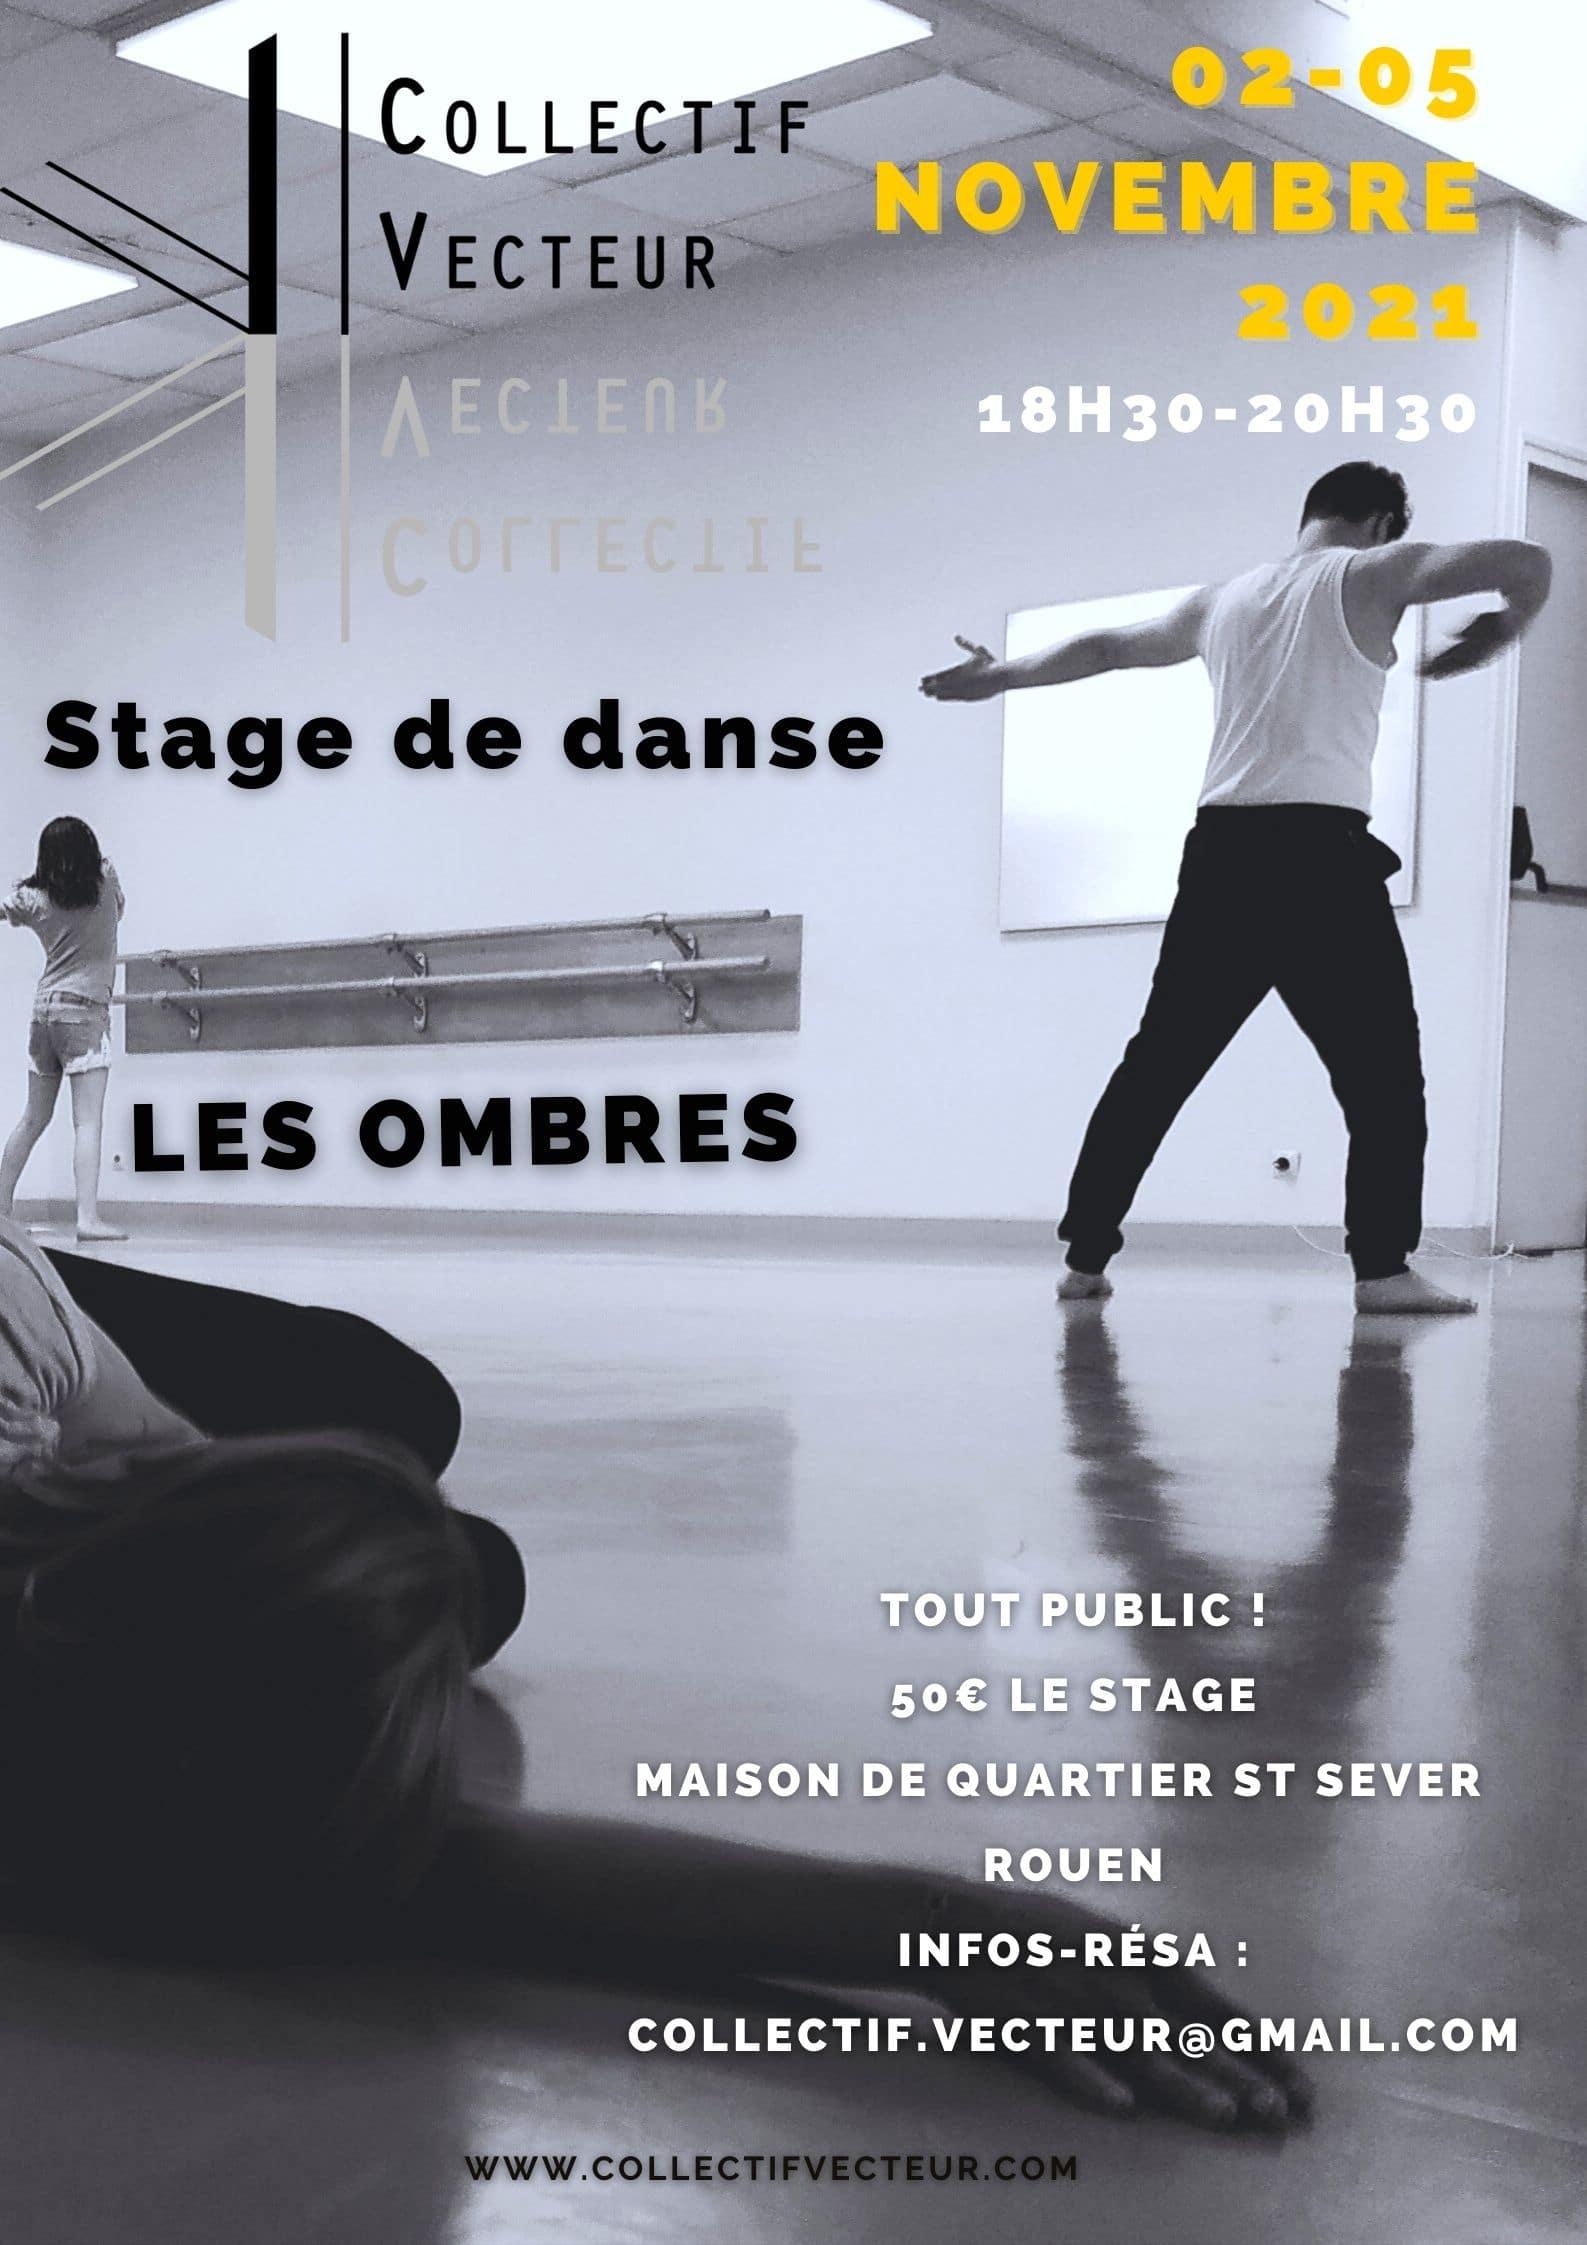 les ombres stage danse rouen collectif vecteur affiche remous